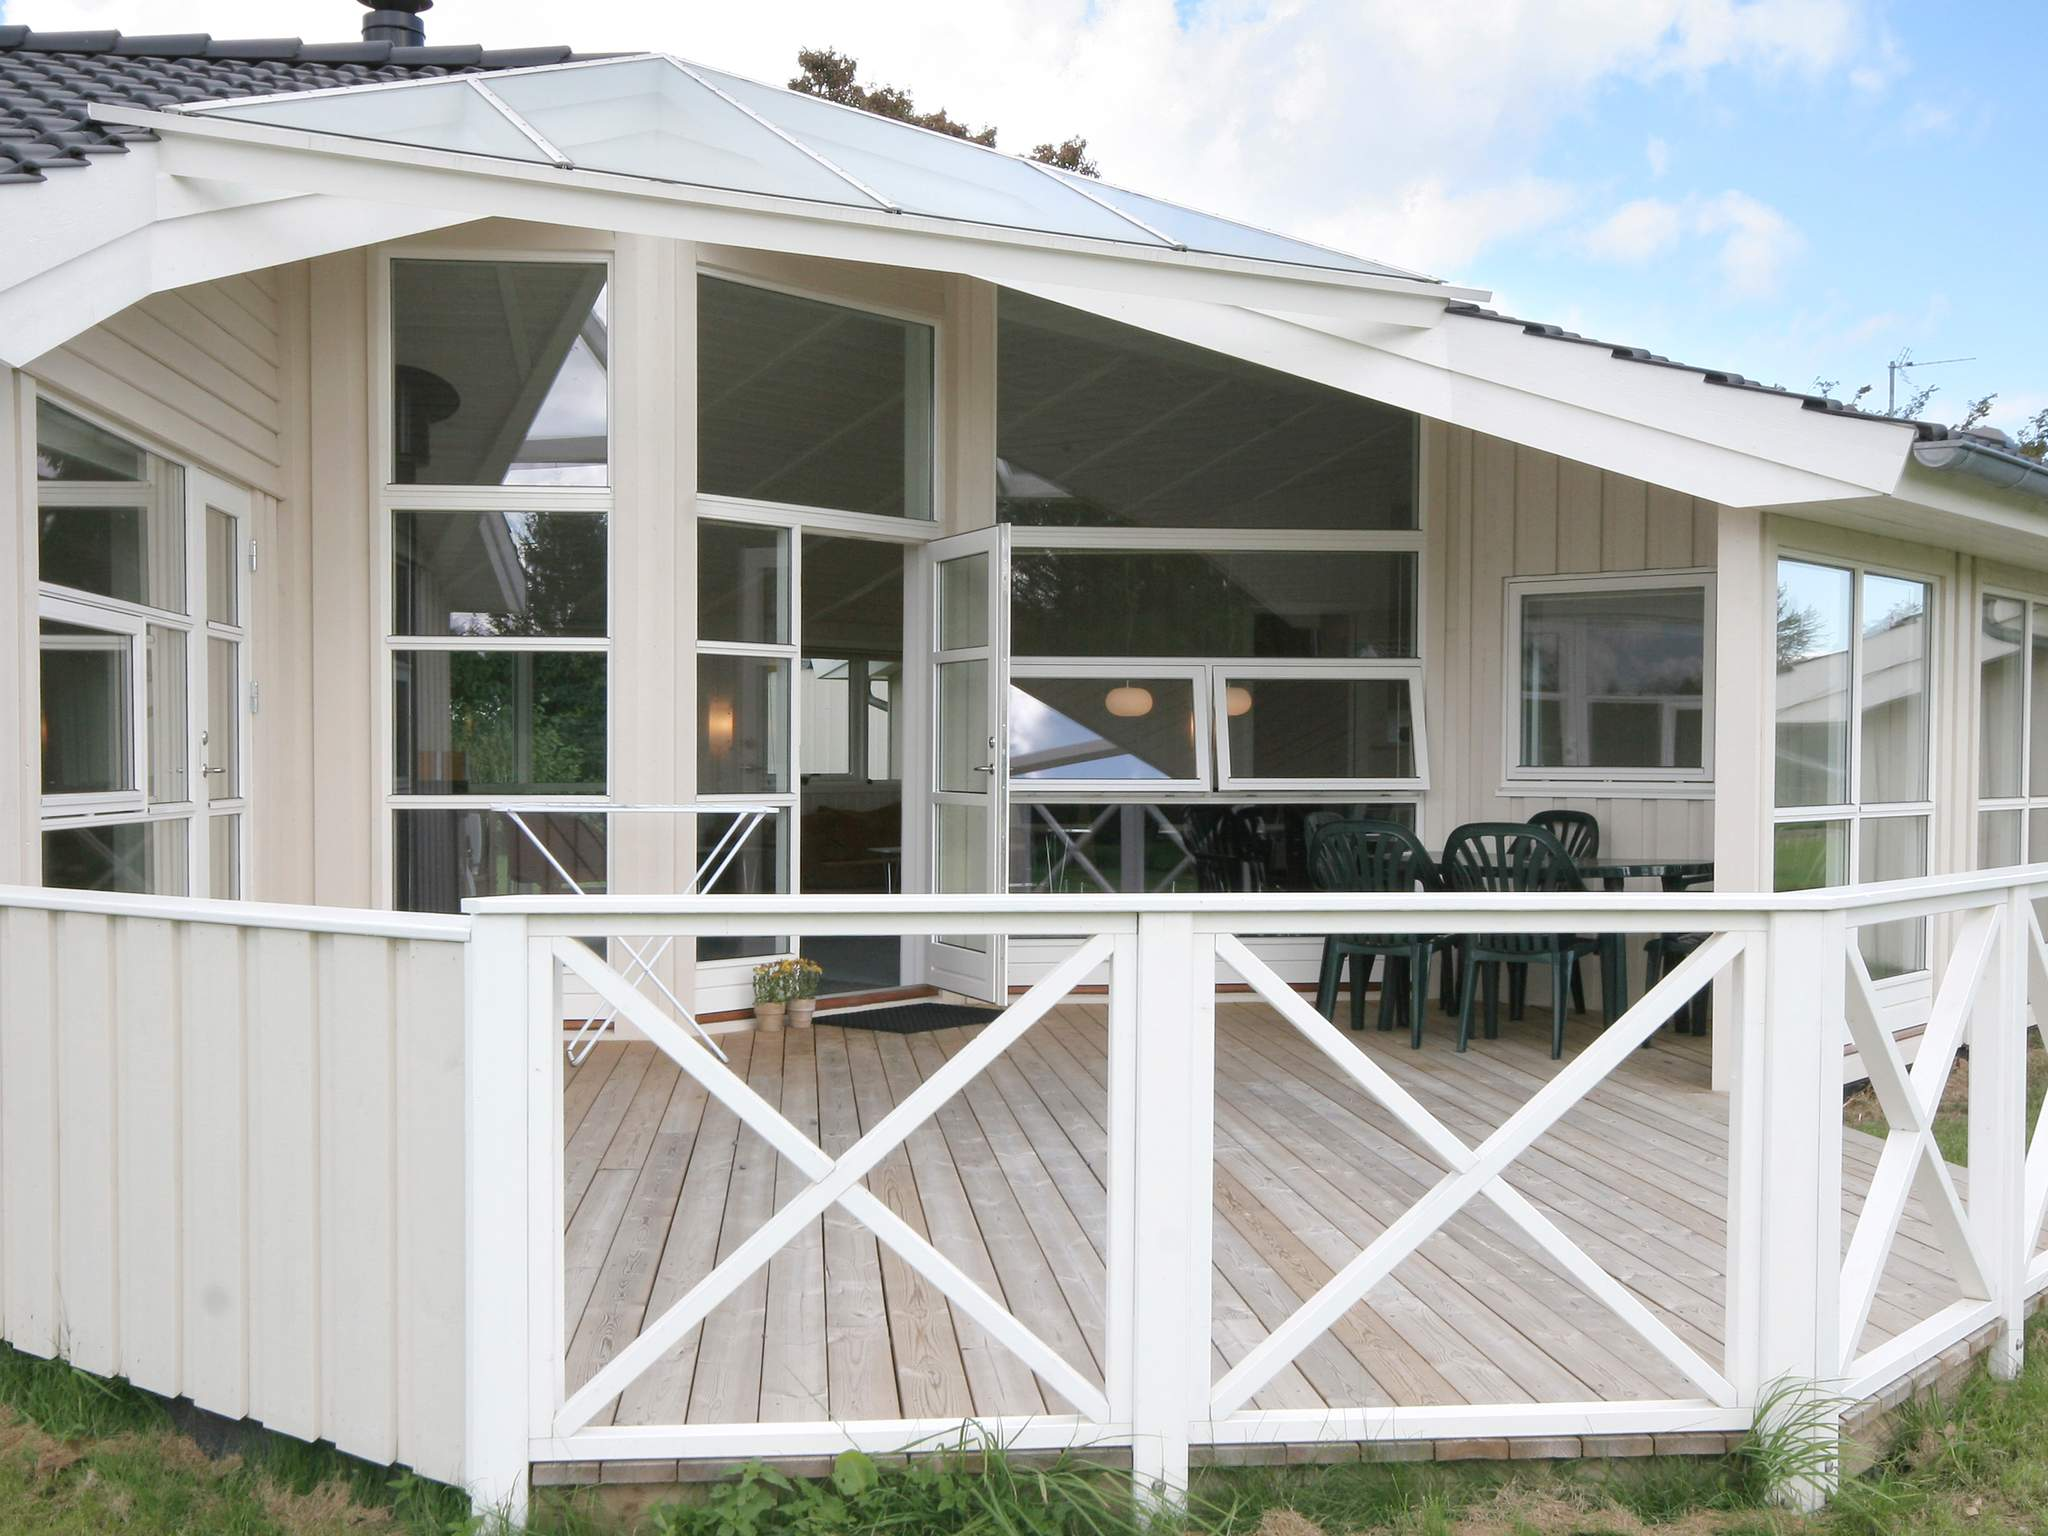 Ferienhaus Udsholt Strand (135446), Gilleleje, , Nordseeland, Dänemark, Bild 20